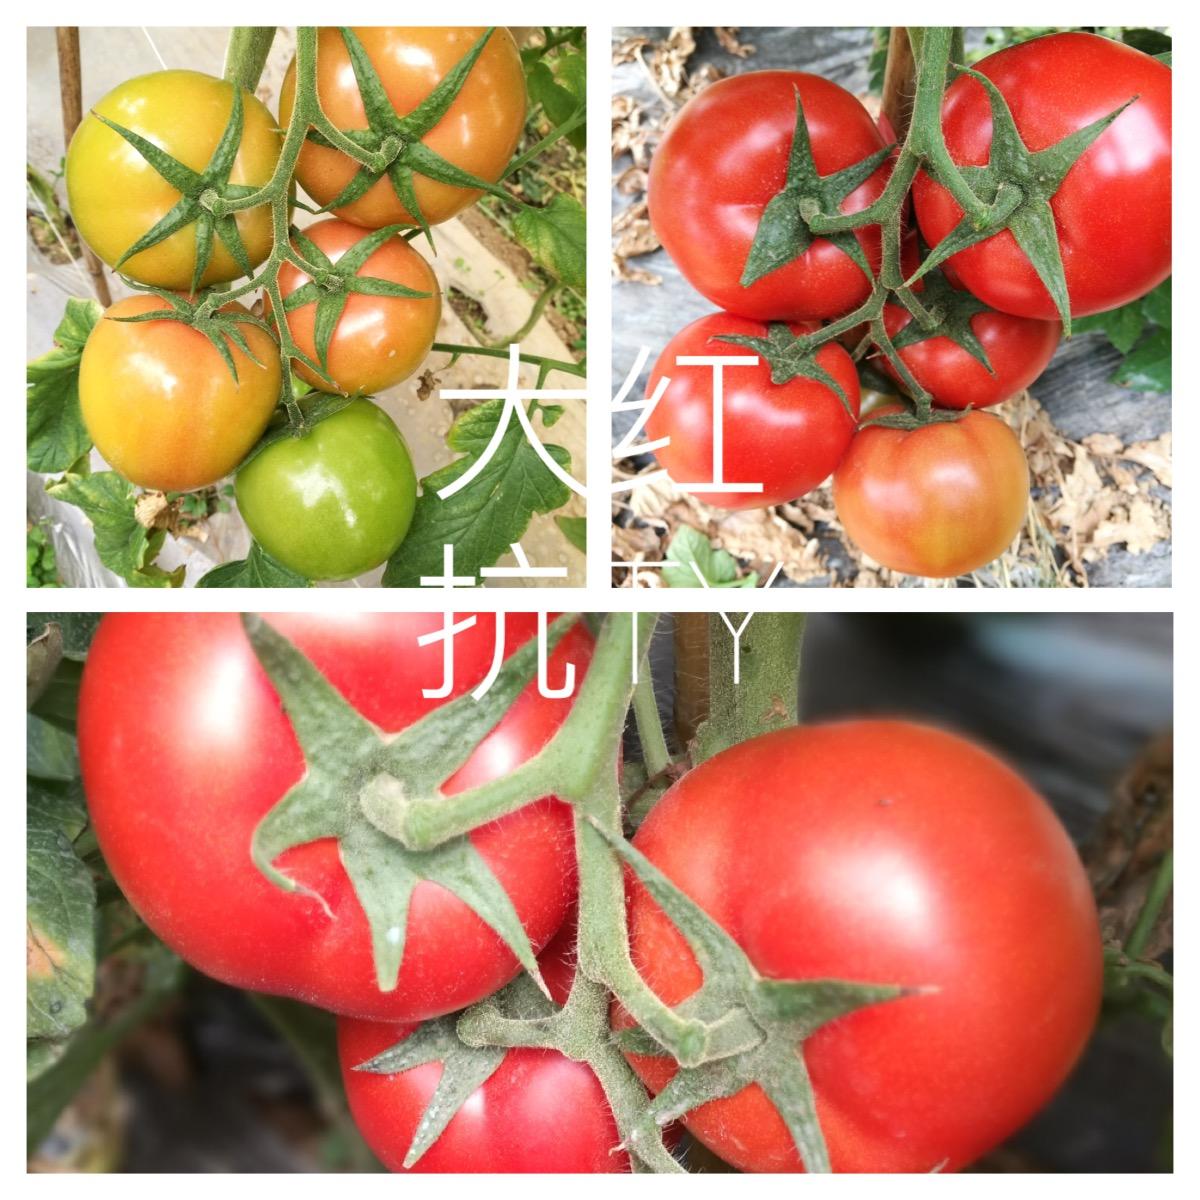 抗TY紅果番茄—番茄種子